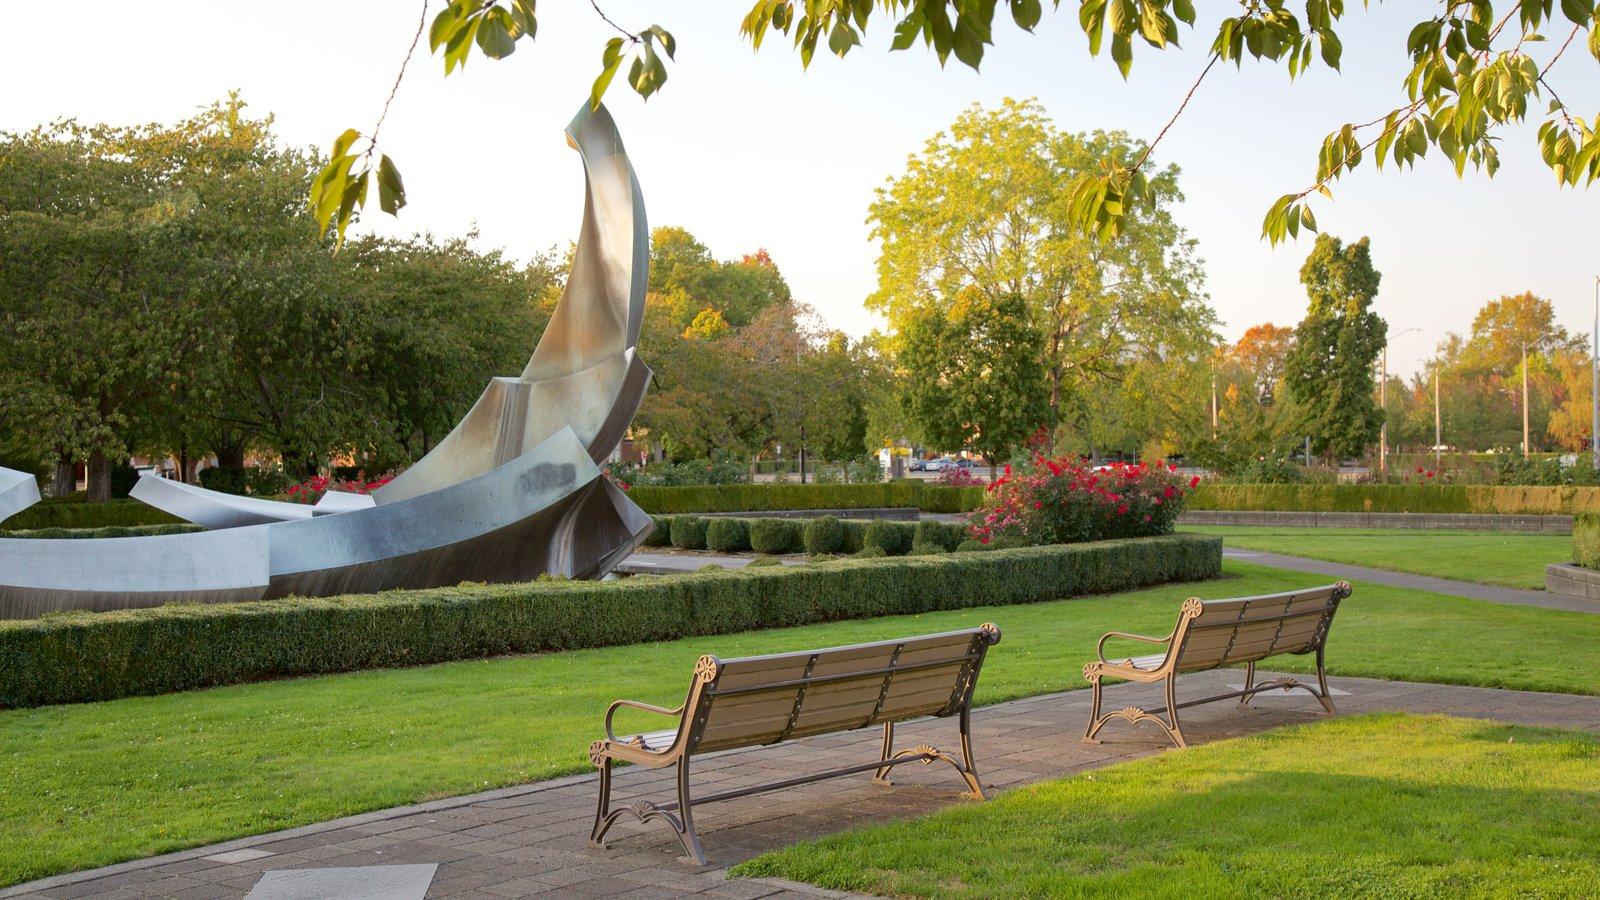 Oregon State Capitol ofreciendo un jardín y arte al aire libre